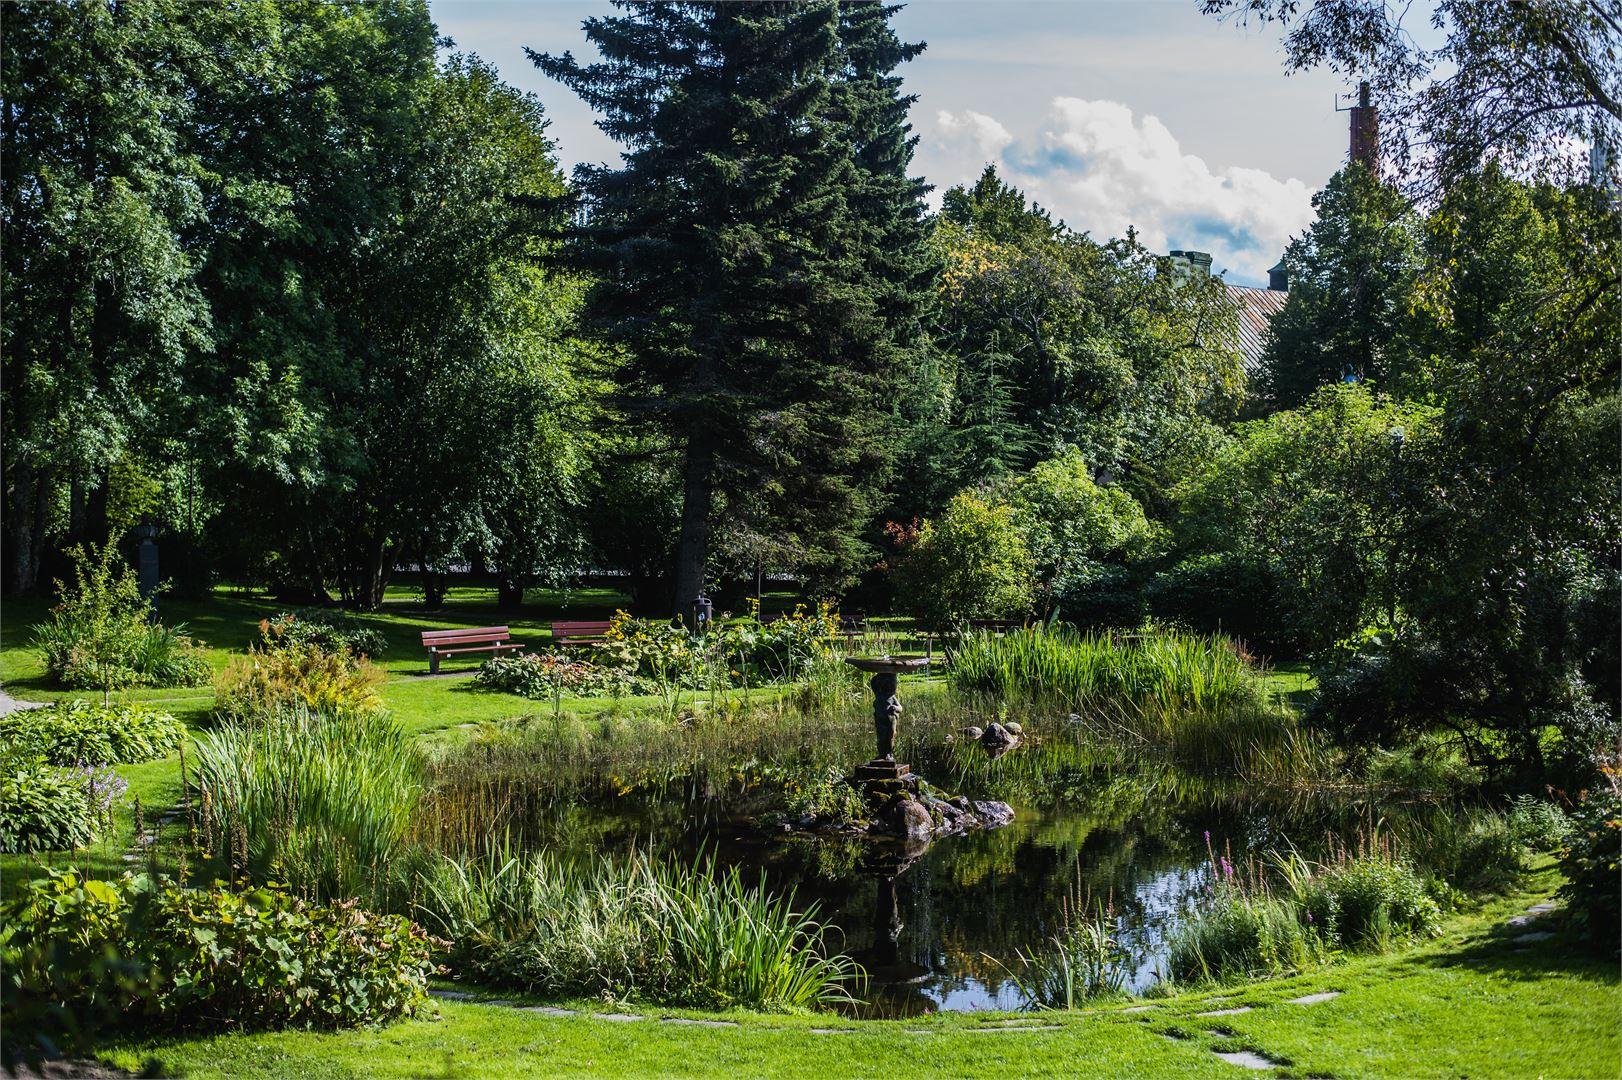 Suomen sympaattisin puisto Koulupuisto on säilyttänyt nykyisen muotonsa jo yli sata vuotta.